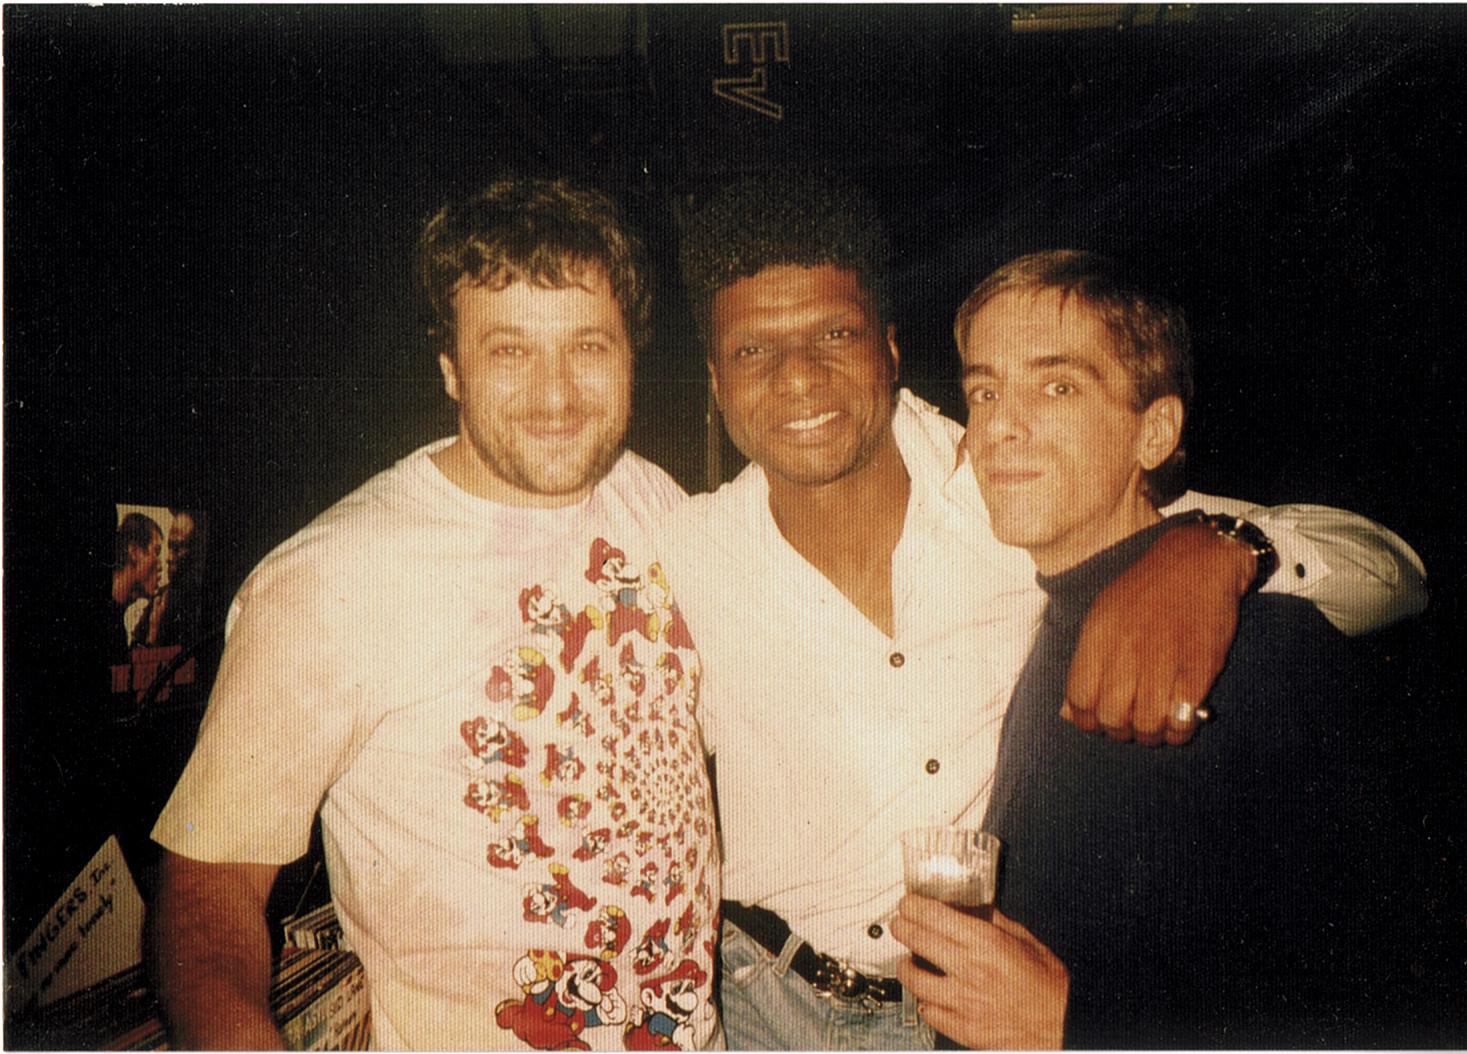 François Kevorkian, Larry Levan and Walter Gibbons, Japan, 1992. Courtesy of François Kevorkian, photographer unknown.